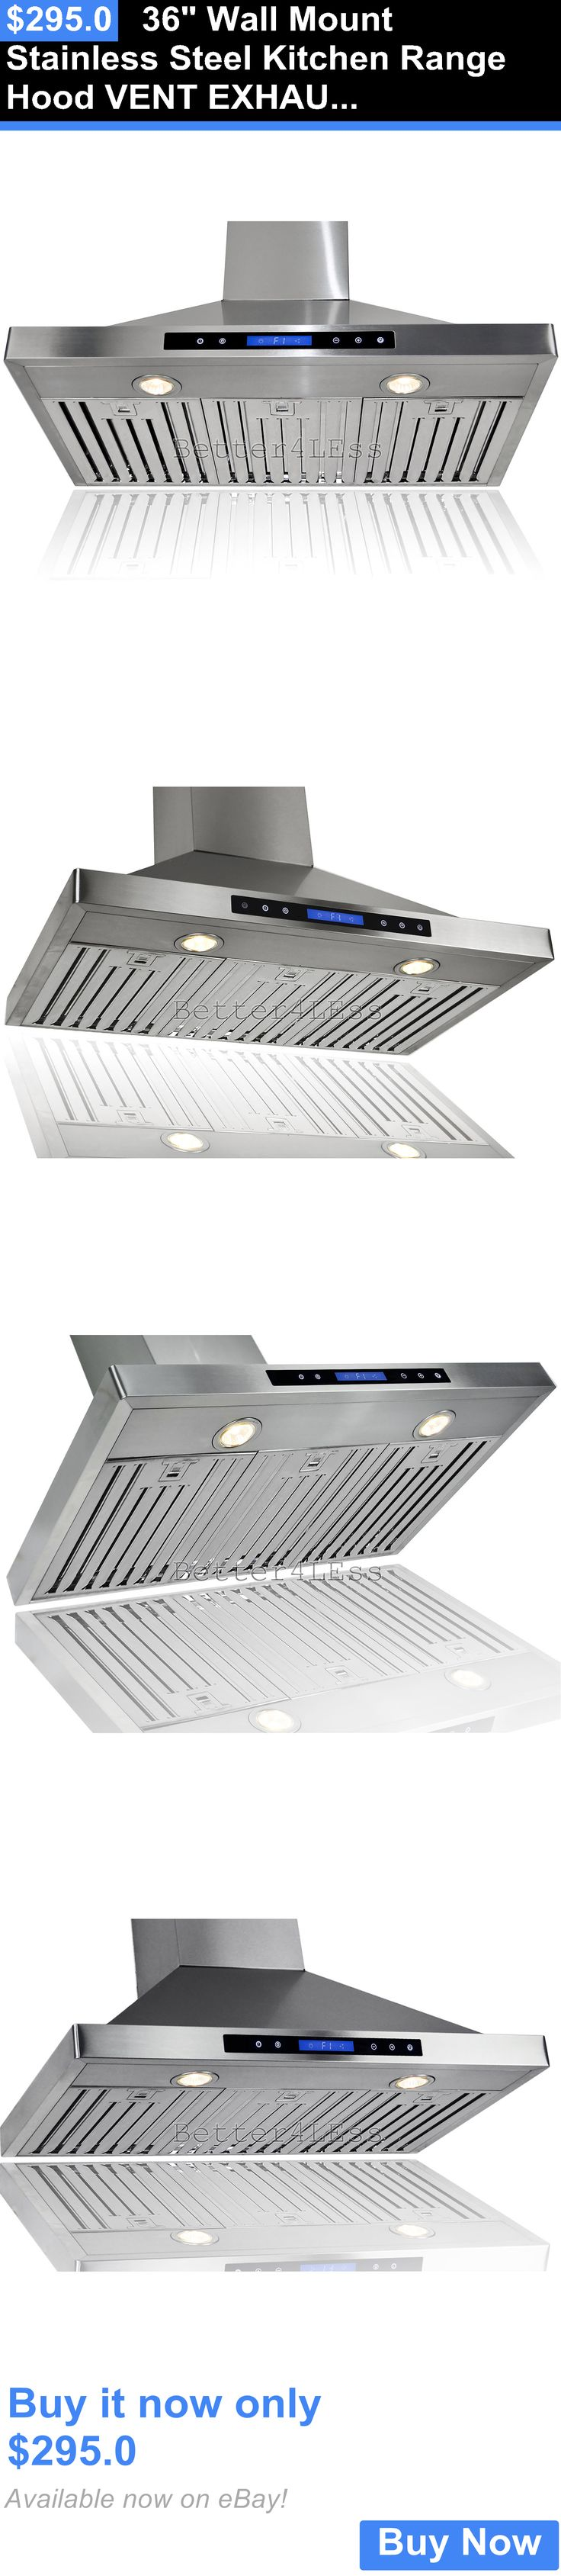 Major Appliances: 36 Wall Mount Stainless Steel Kitchen Range Hood Vent  Exhaust Fan BUY IT